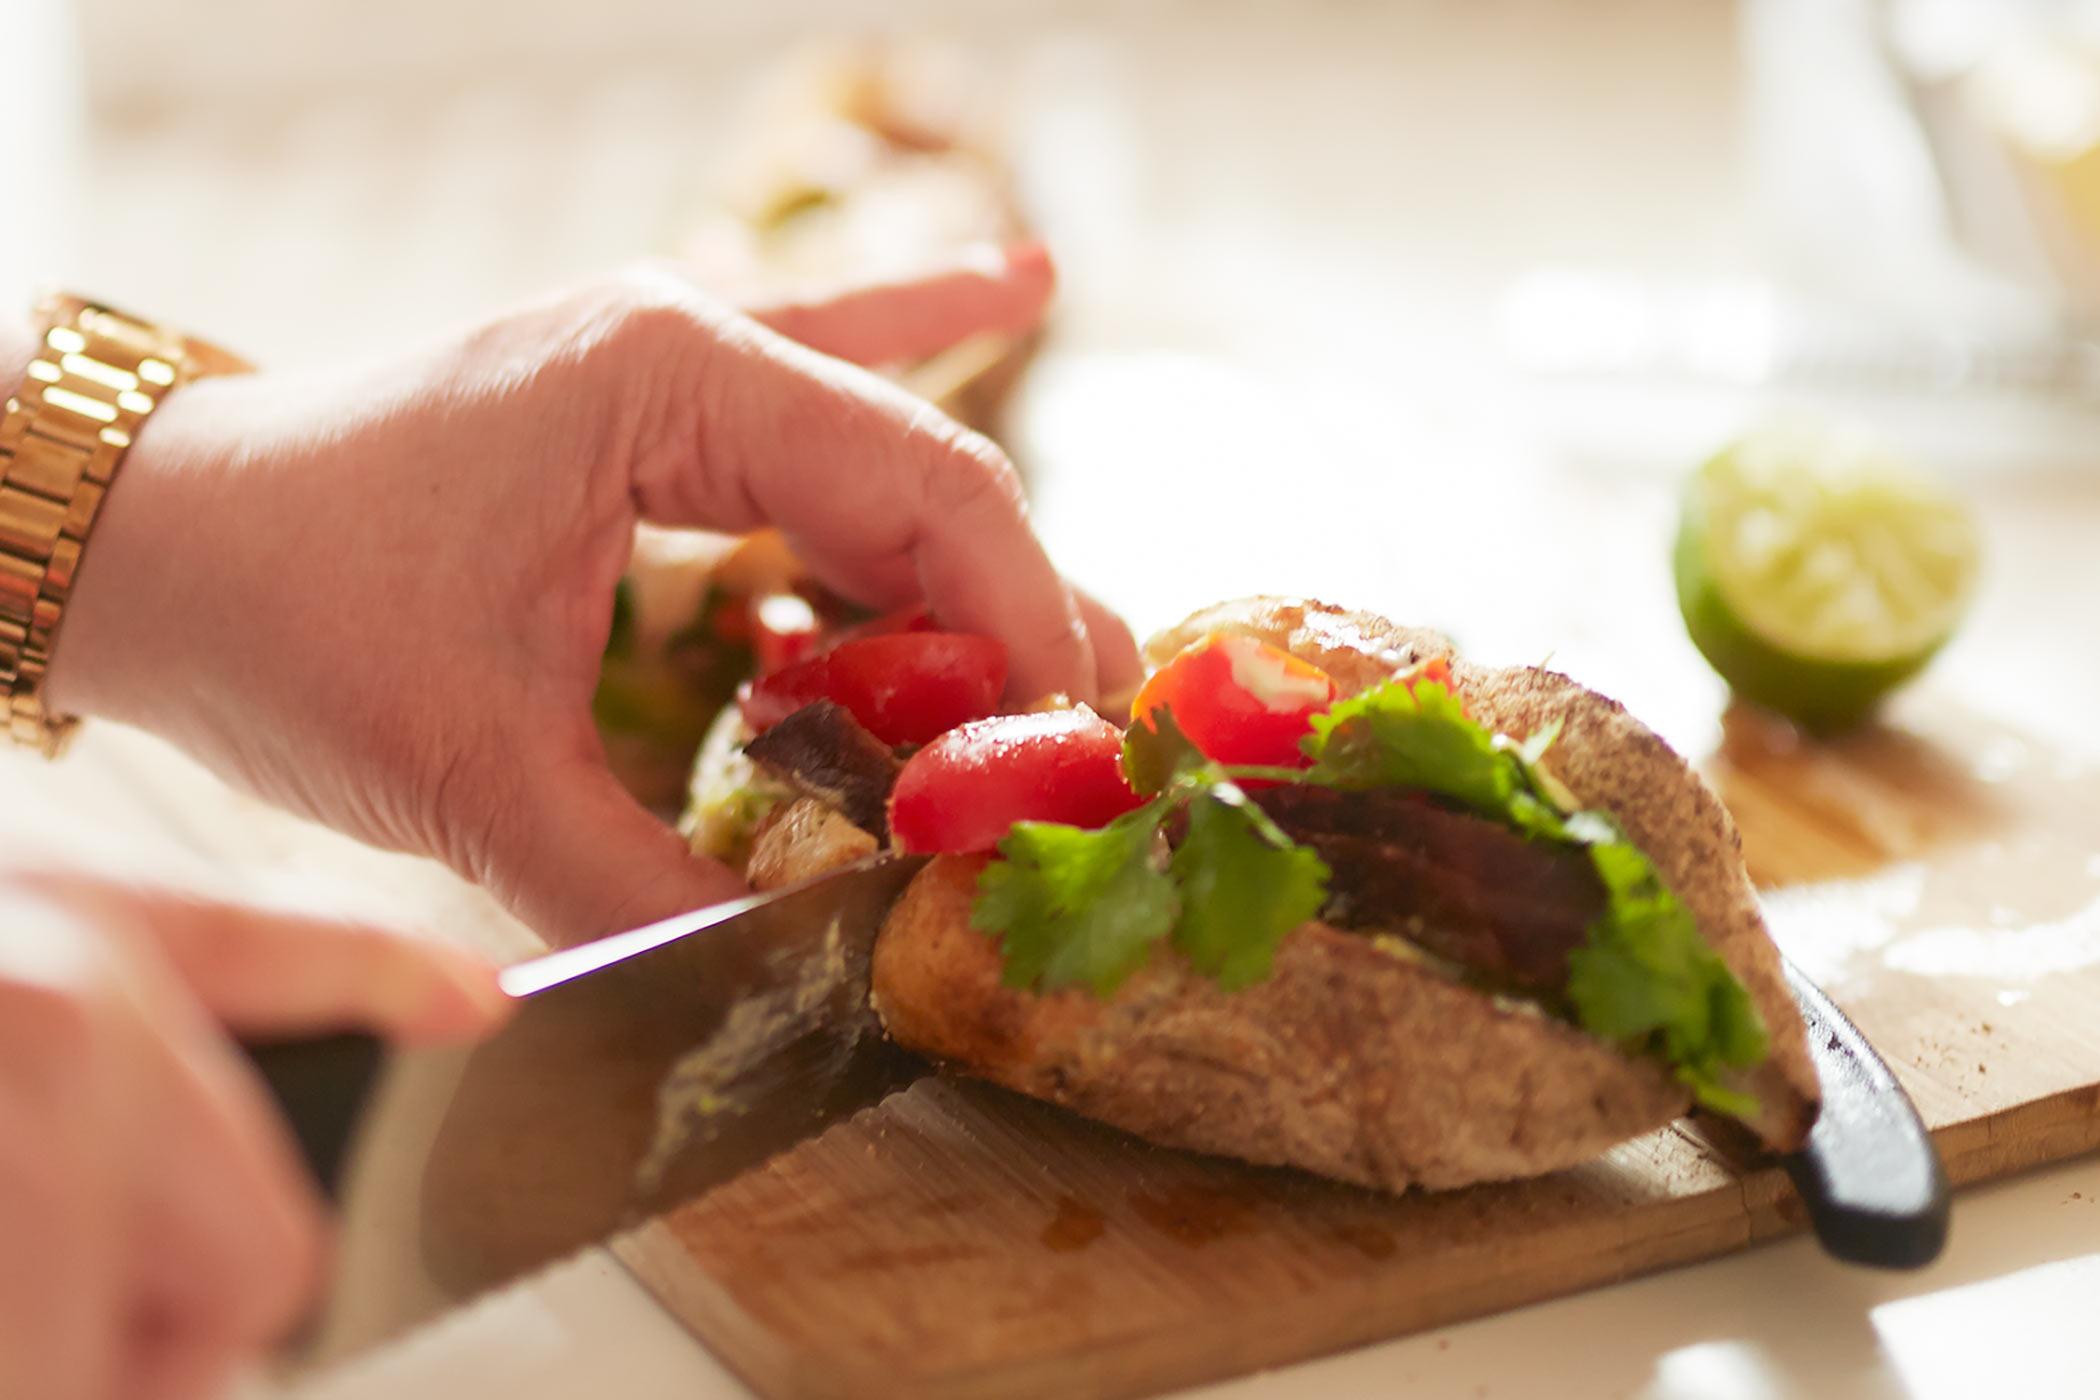 Dela smörgås